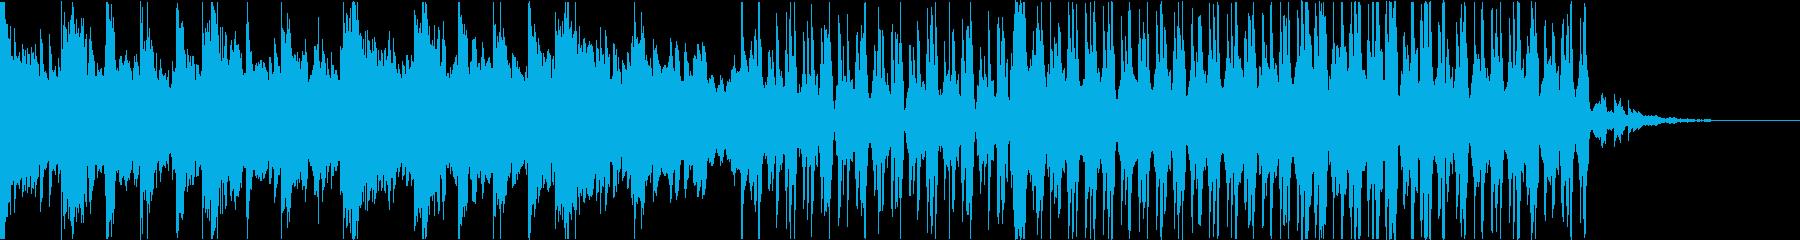 ダークで綺麗なEDMの再生済みの波形